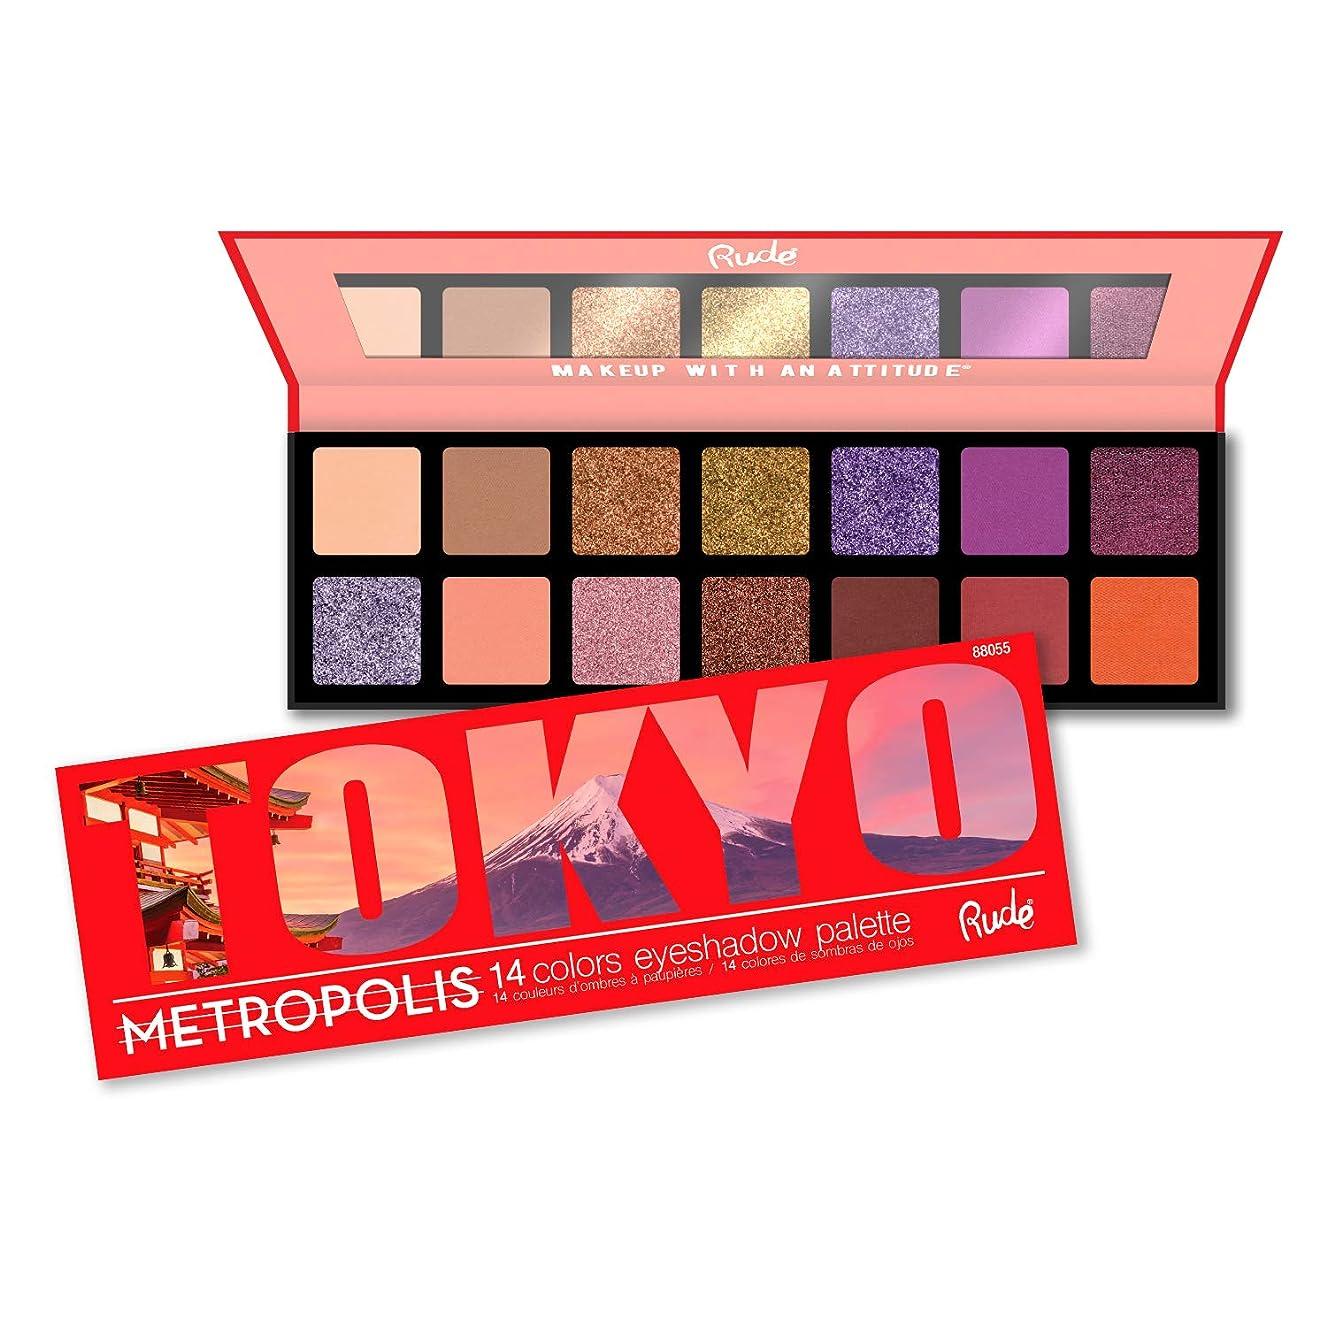 アルコーブギャラントリー編集者RUDE Metropolis 14 Color Eyeshadow Palette - Tokyo (並行輸入品)